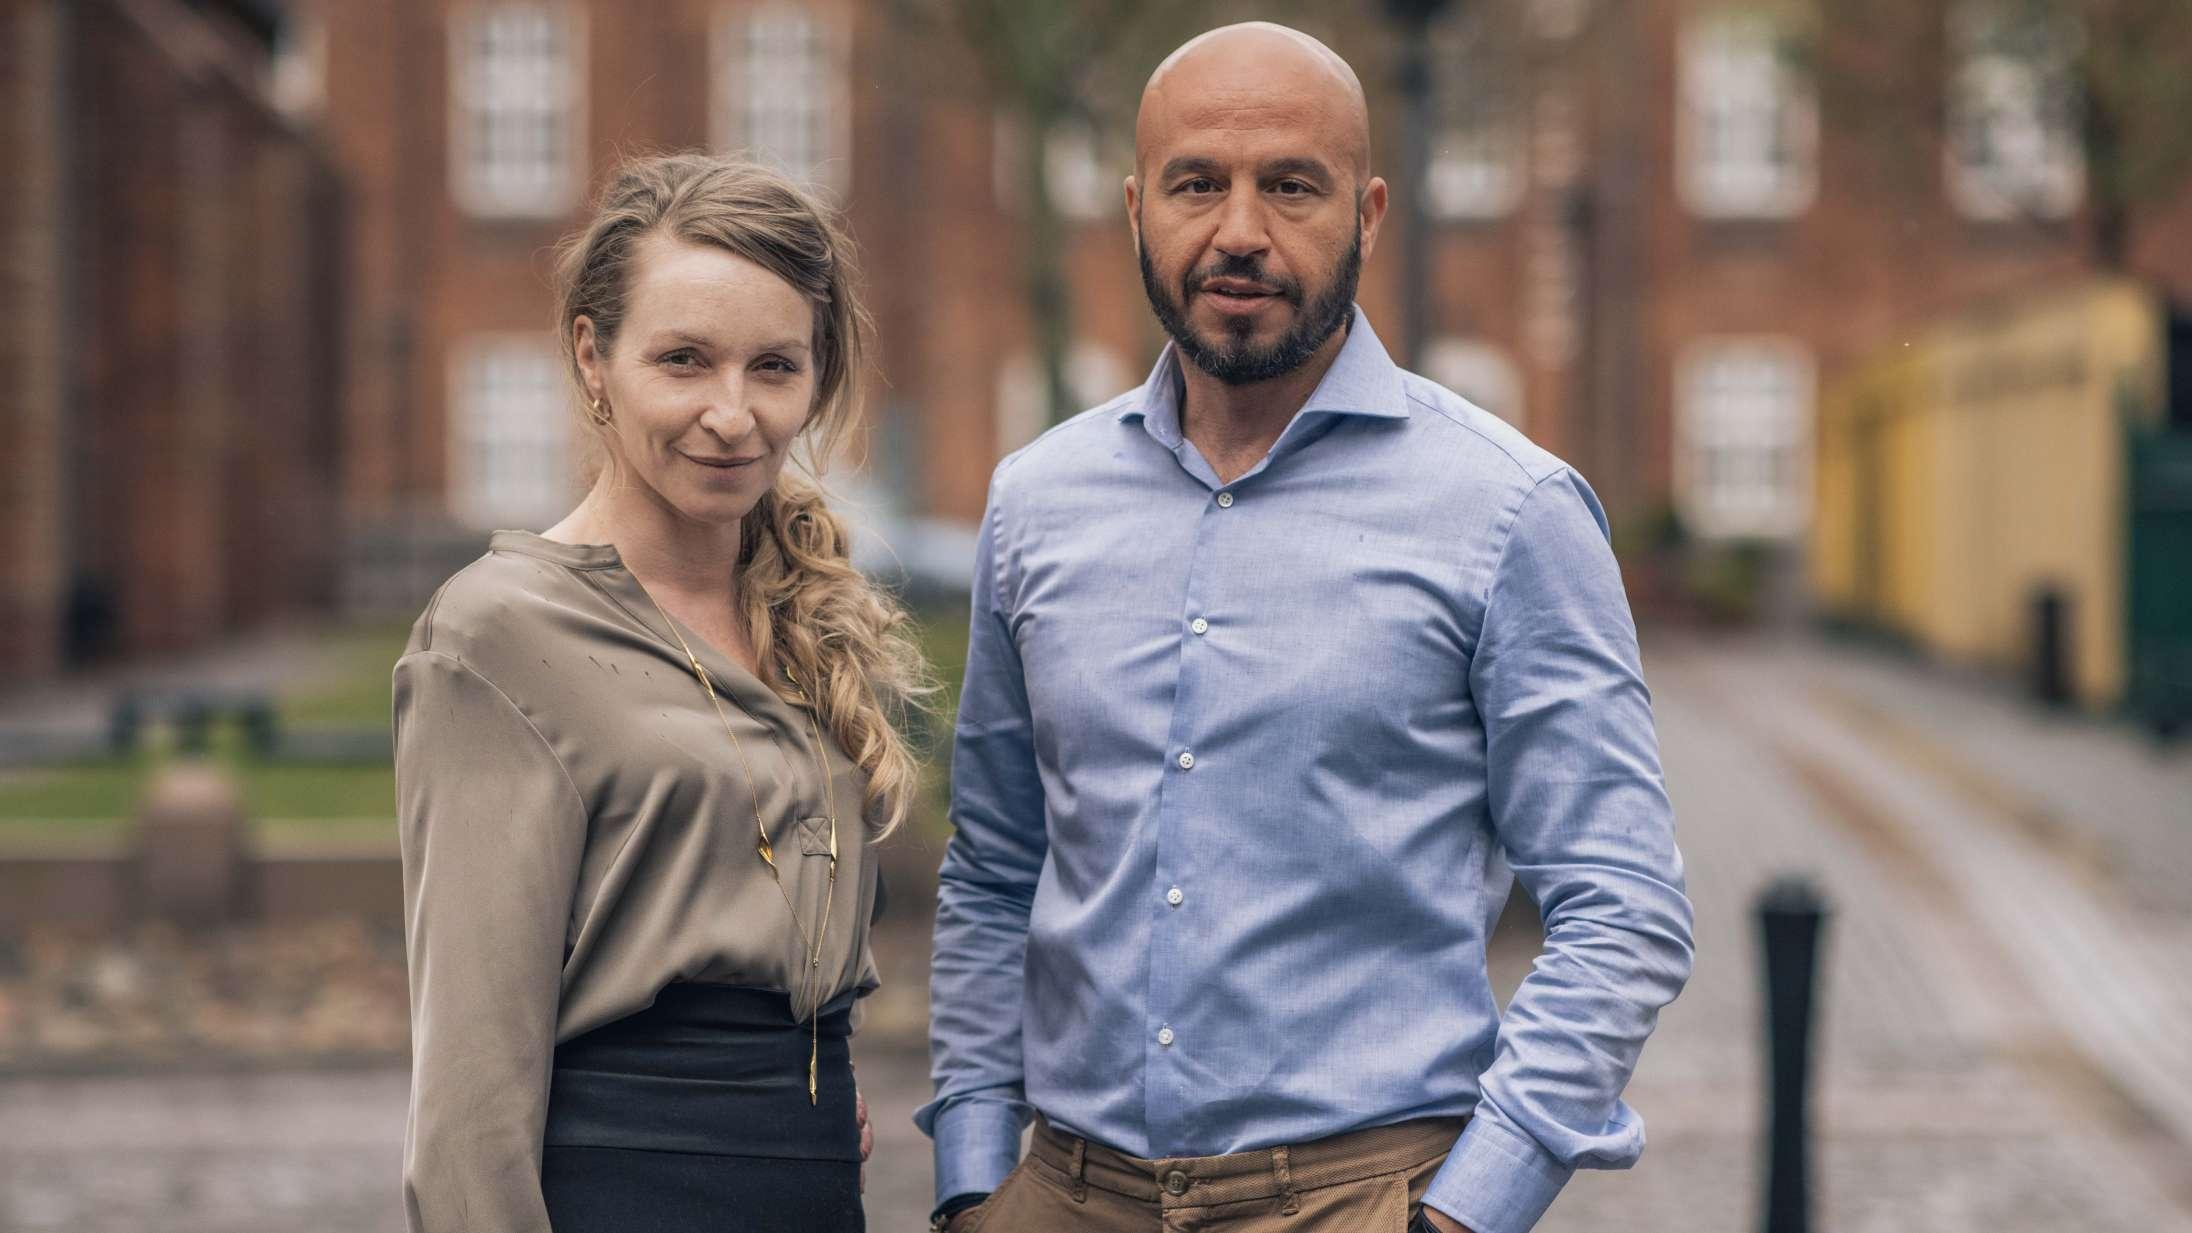 Den første danske Netflix-film er på vej – her er holdet bag 'Kærlighed for voksne'